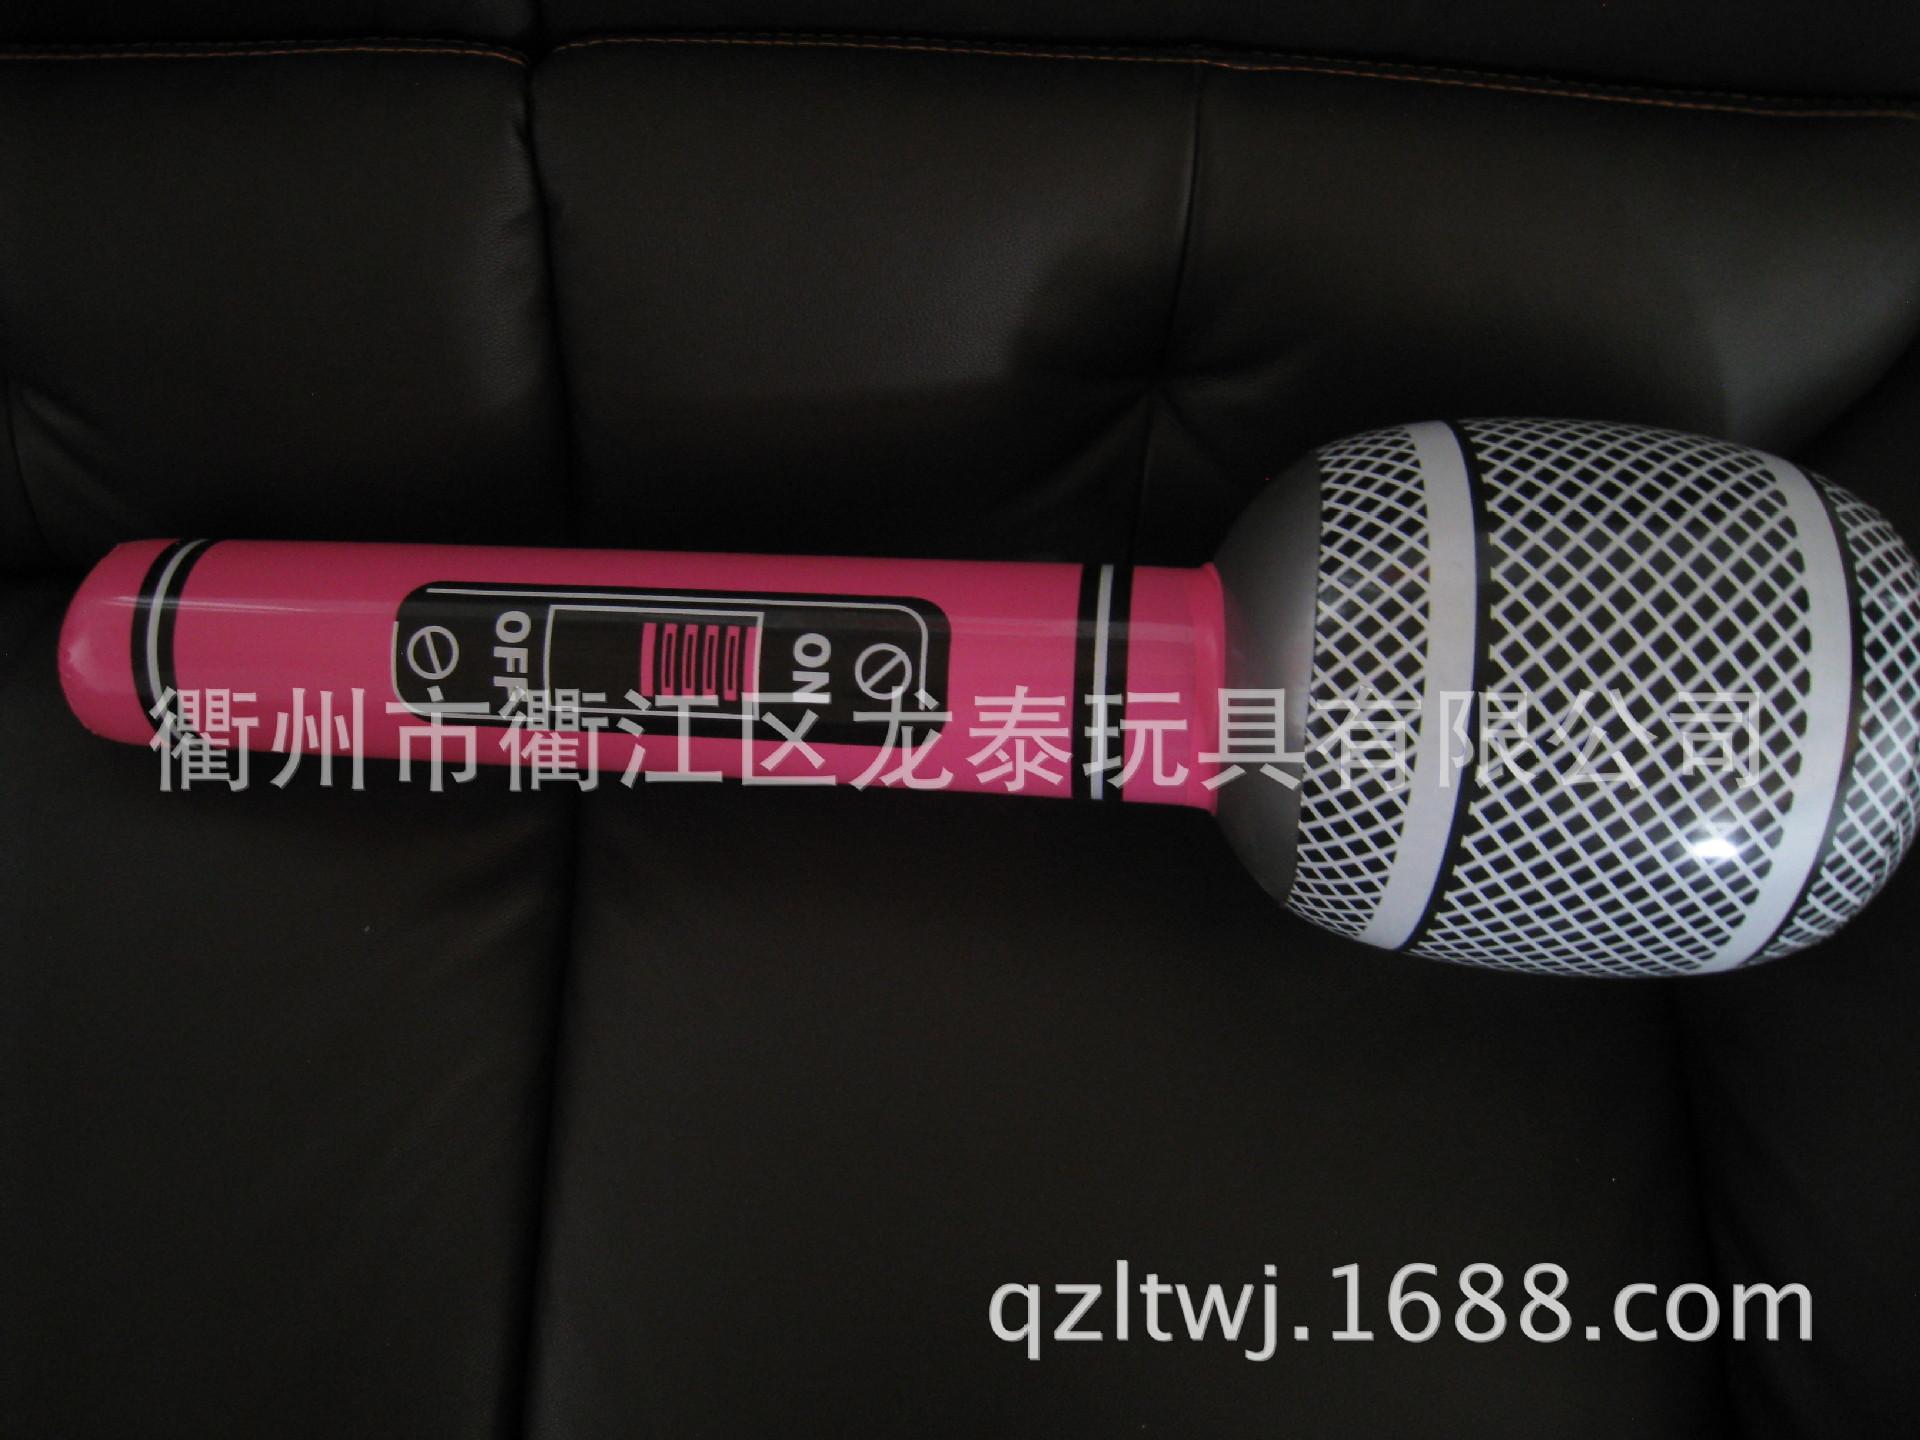 【厂家直销】供应PVC充气萨克斯 充气乐器 充气麦克风